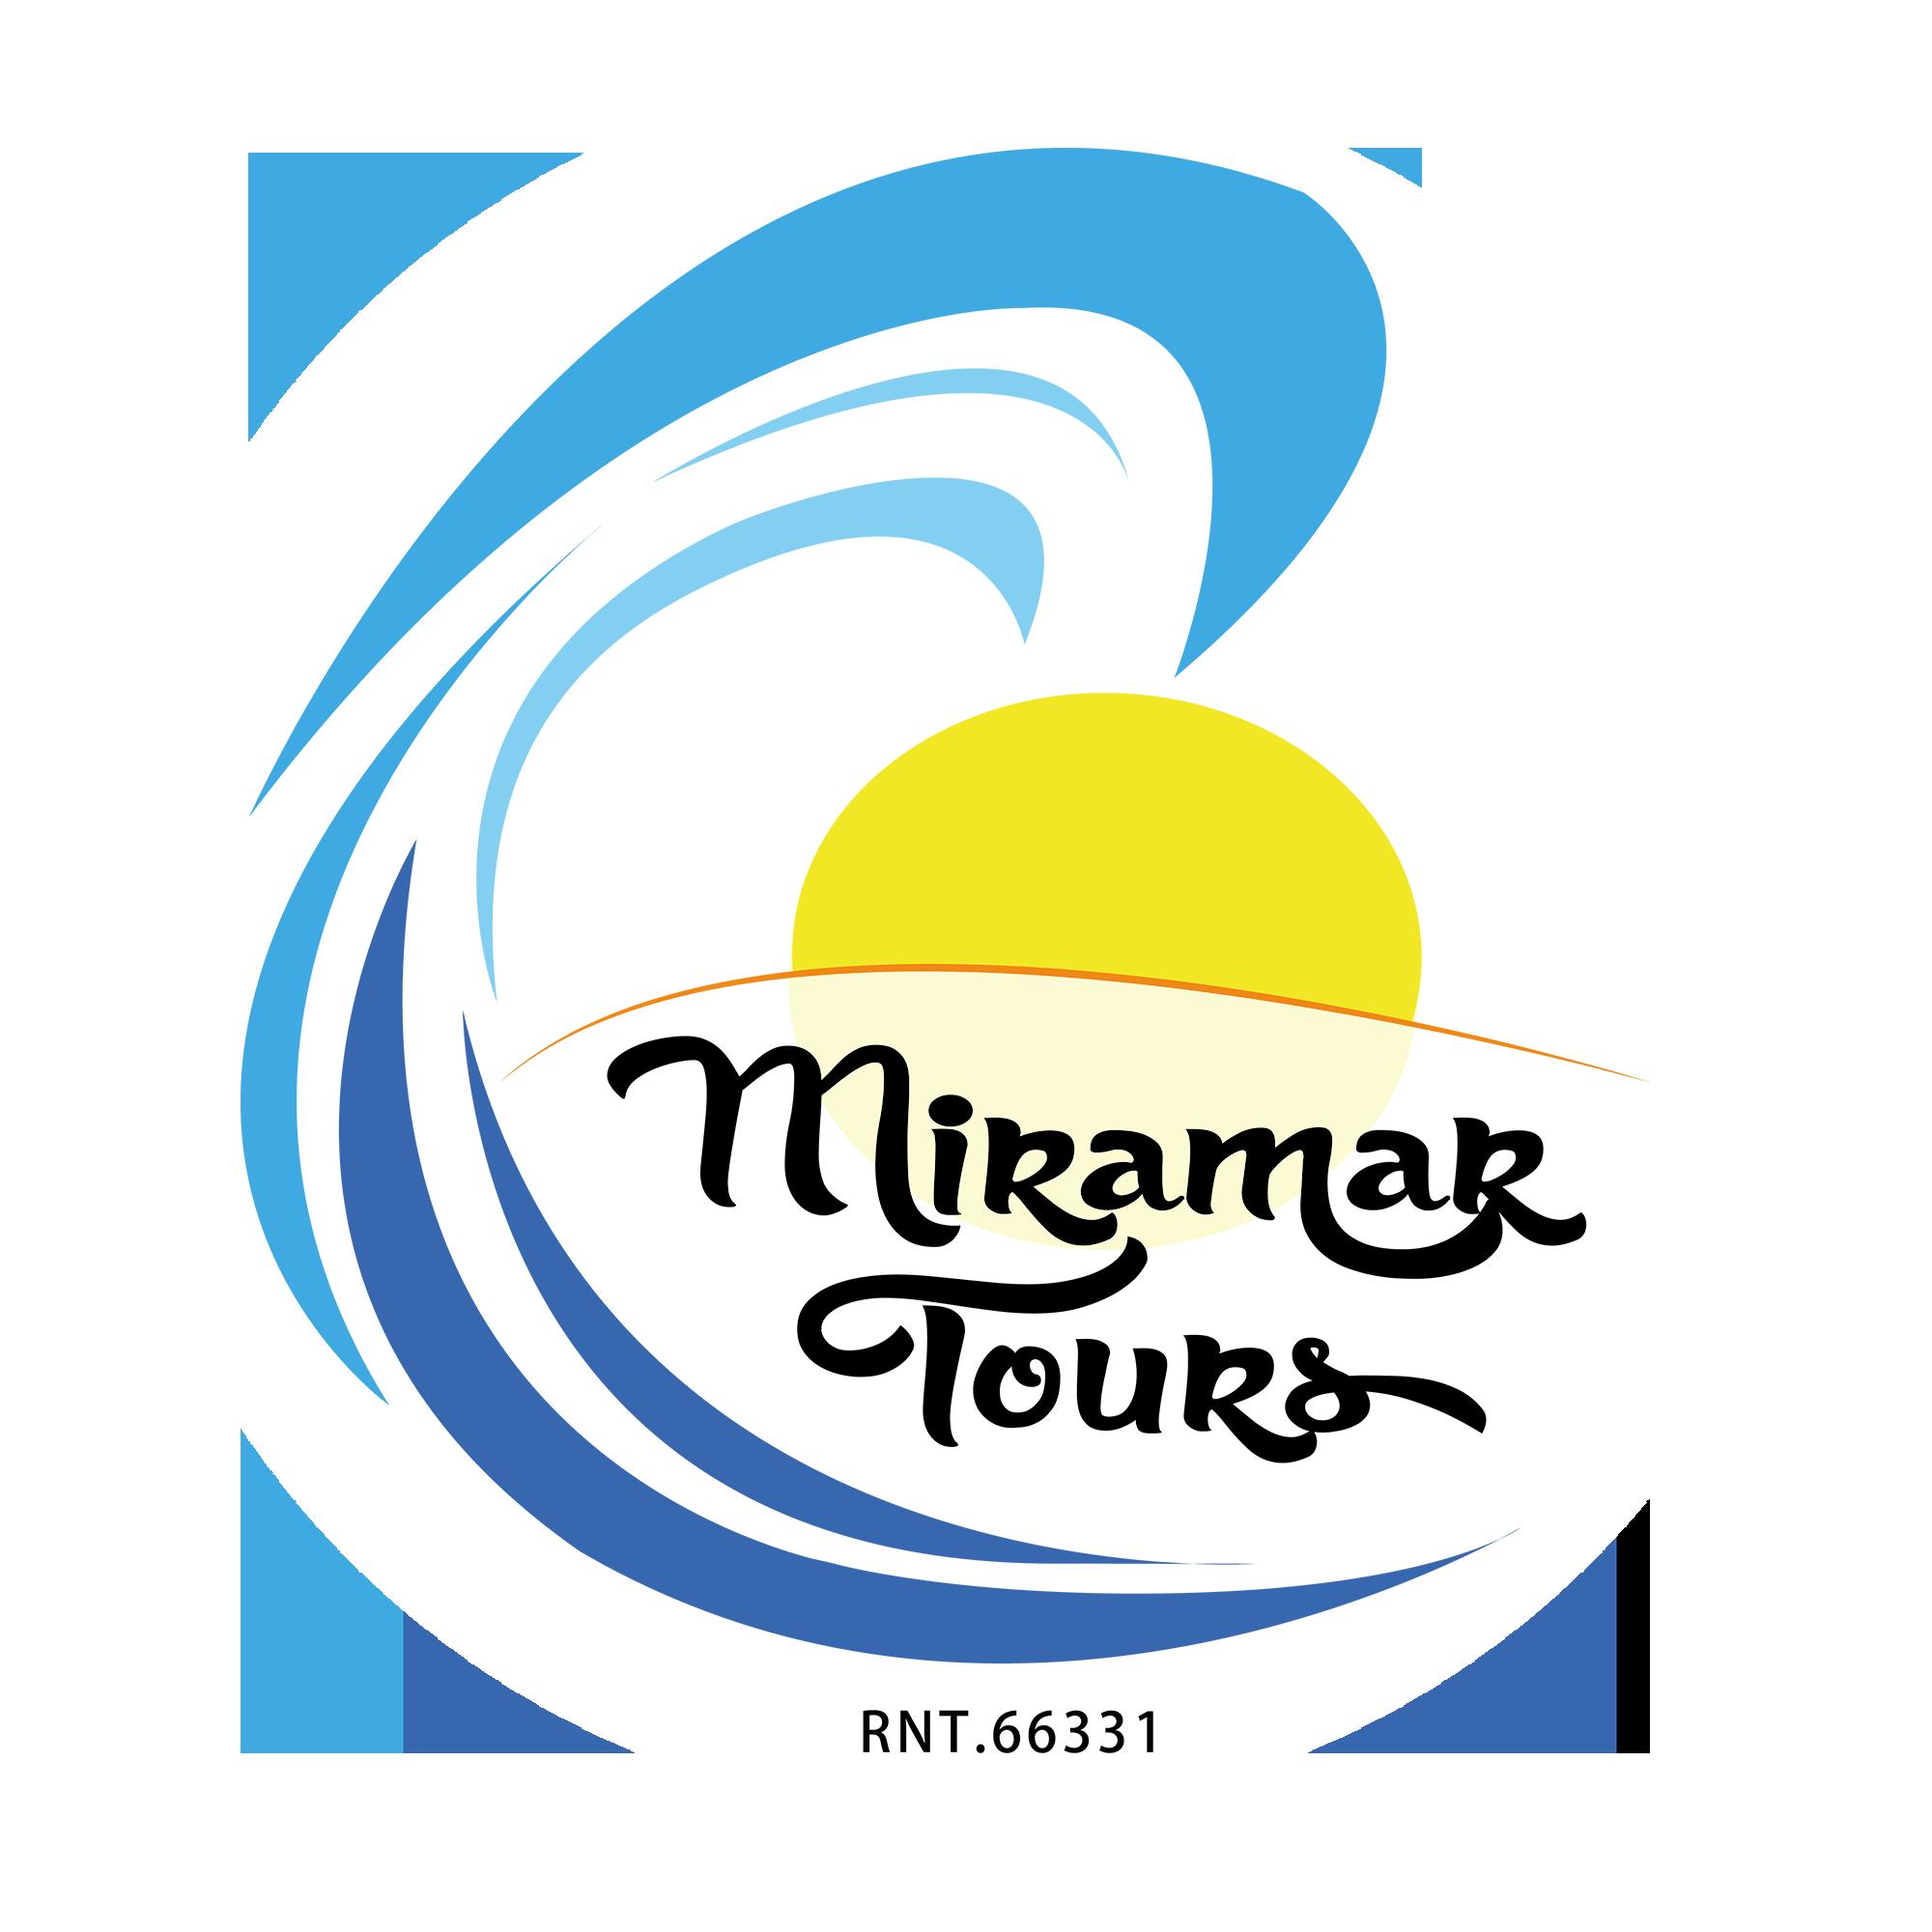 Miramartours Tiquetes baratos a cualquier destino. Reserva y compra tiquetes aéreos, cuartos de hoteles, autos, cruceros y paquetes turísticos en línea